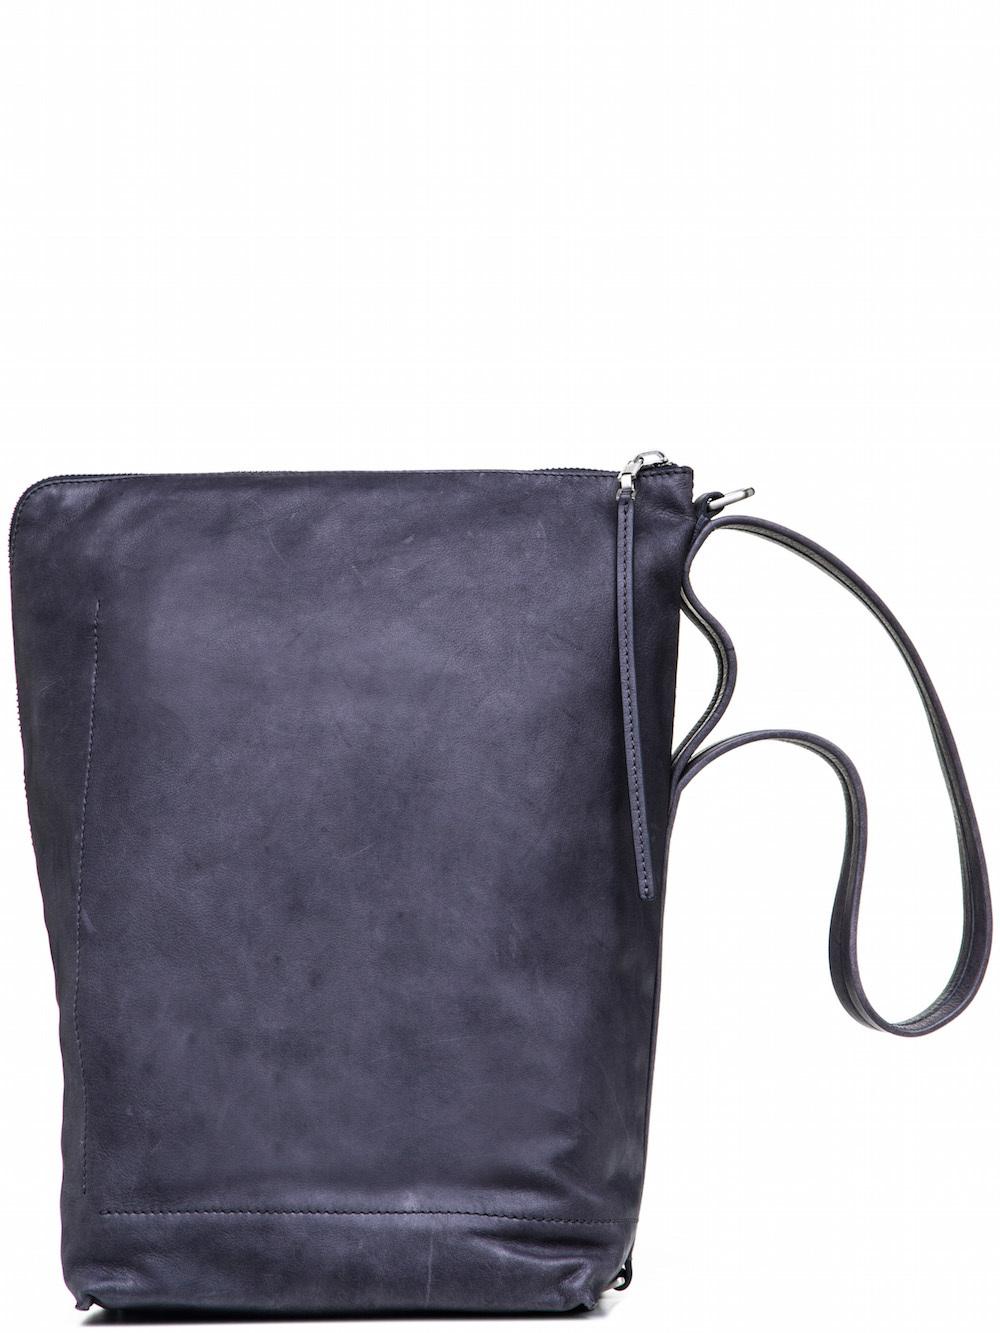 RICK OWENS BUCKET BAG IN PURPLE